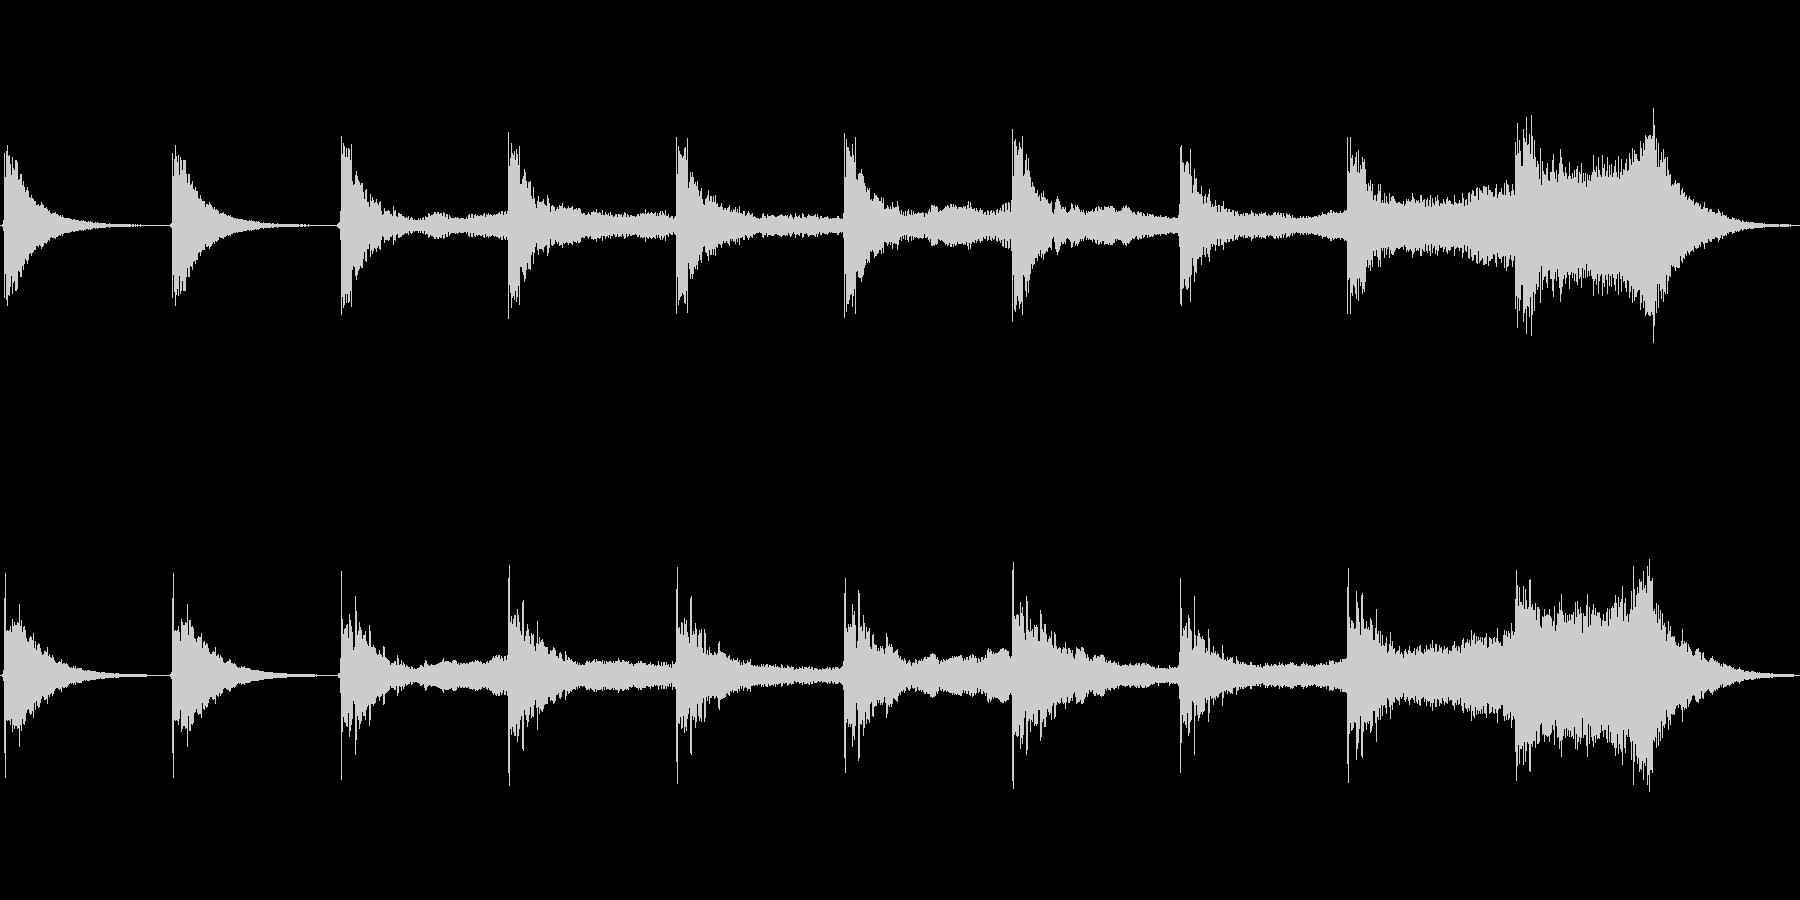 シーケンス ベースヒット01の未再生の波形